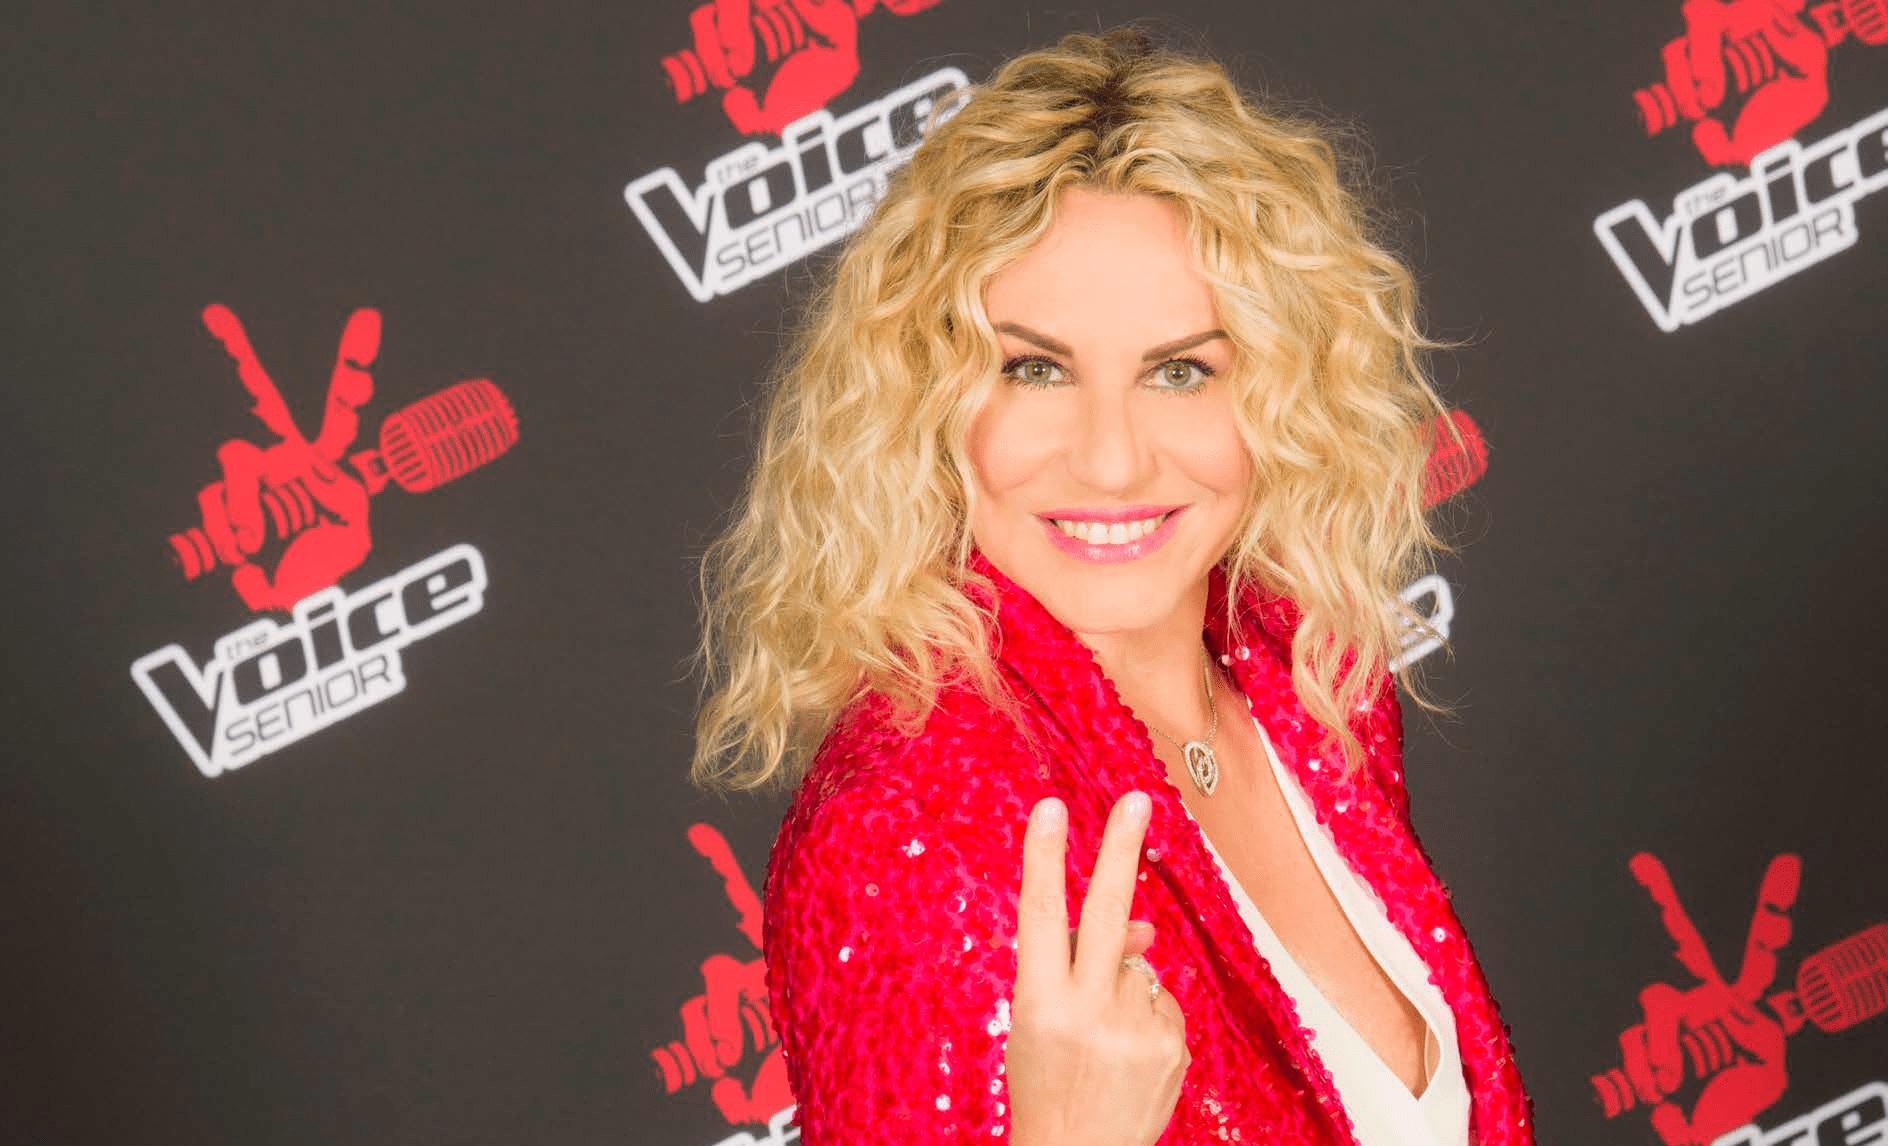 Live 10 luglio 2021 · The Voice Senior in replica prima puntata. Condotto da Antonella Clerici, in onda in prima serata su RaiUno